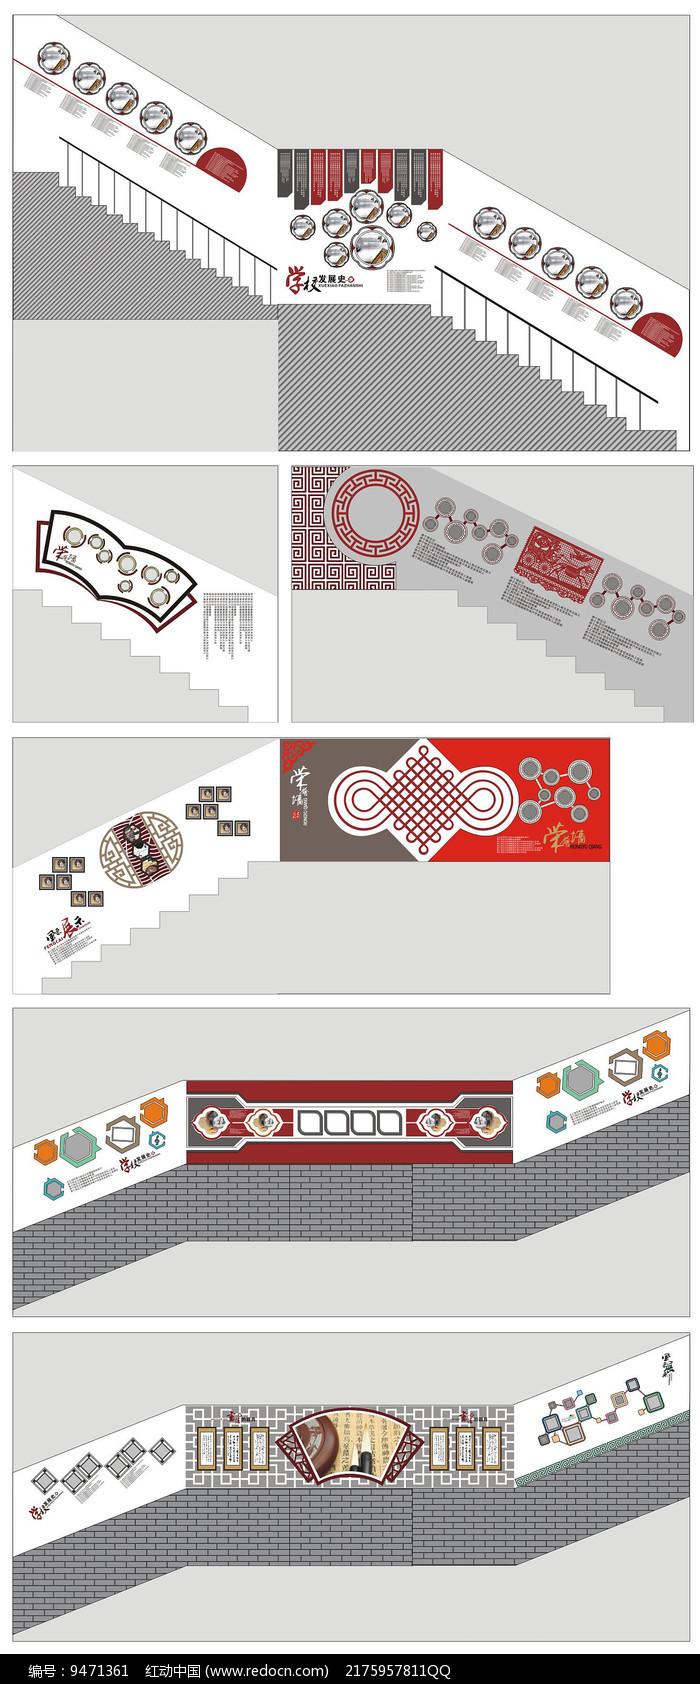 校园文化设计楼道文化设计图片